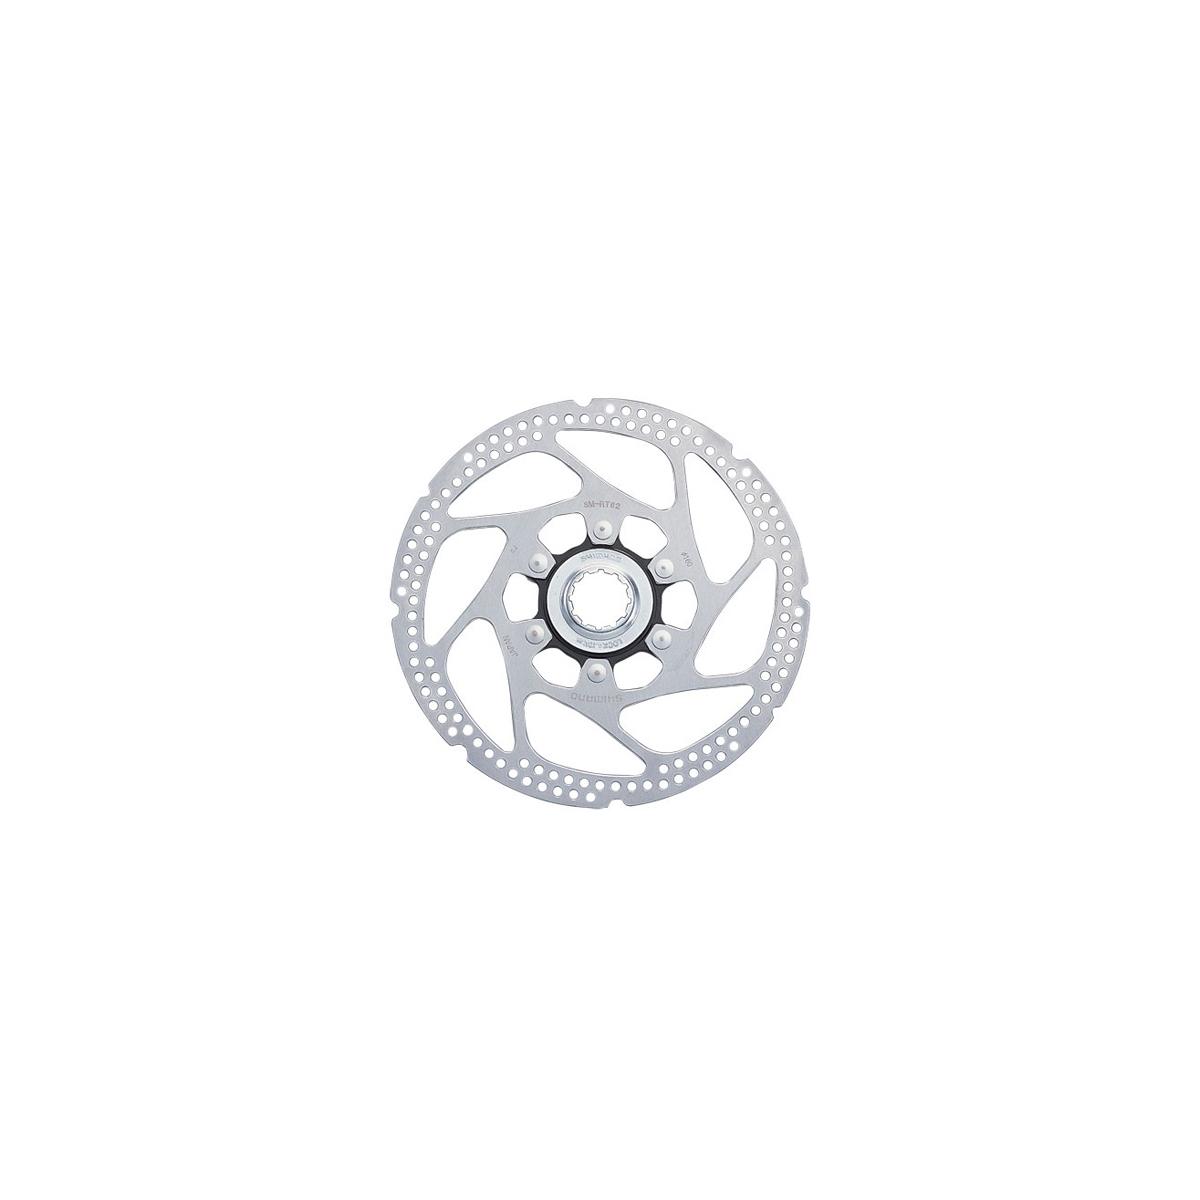 Brzdový kotouč SH SMRT30 CENTER LOCK 160 mm, stříbrný